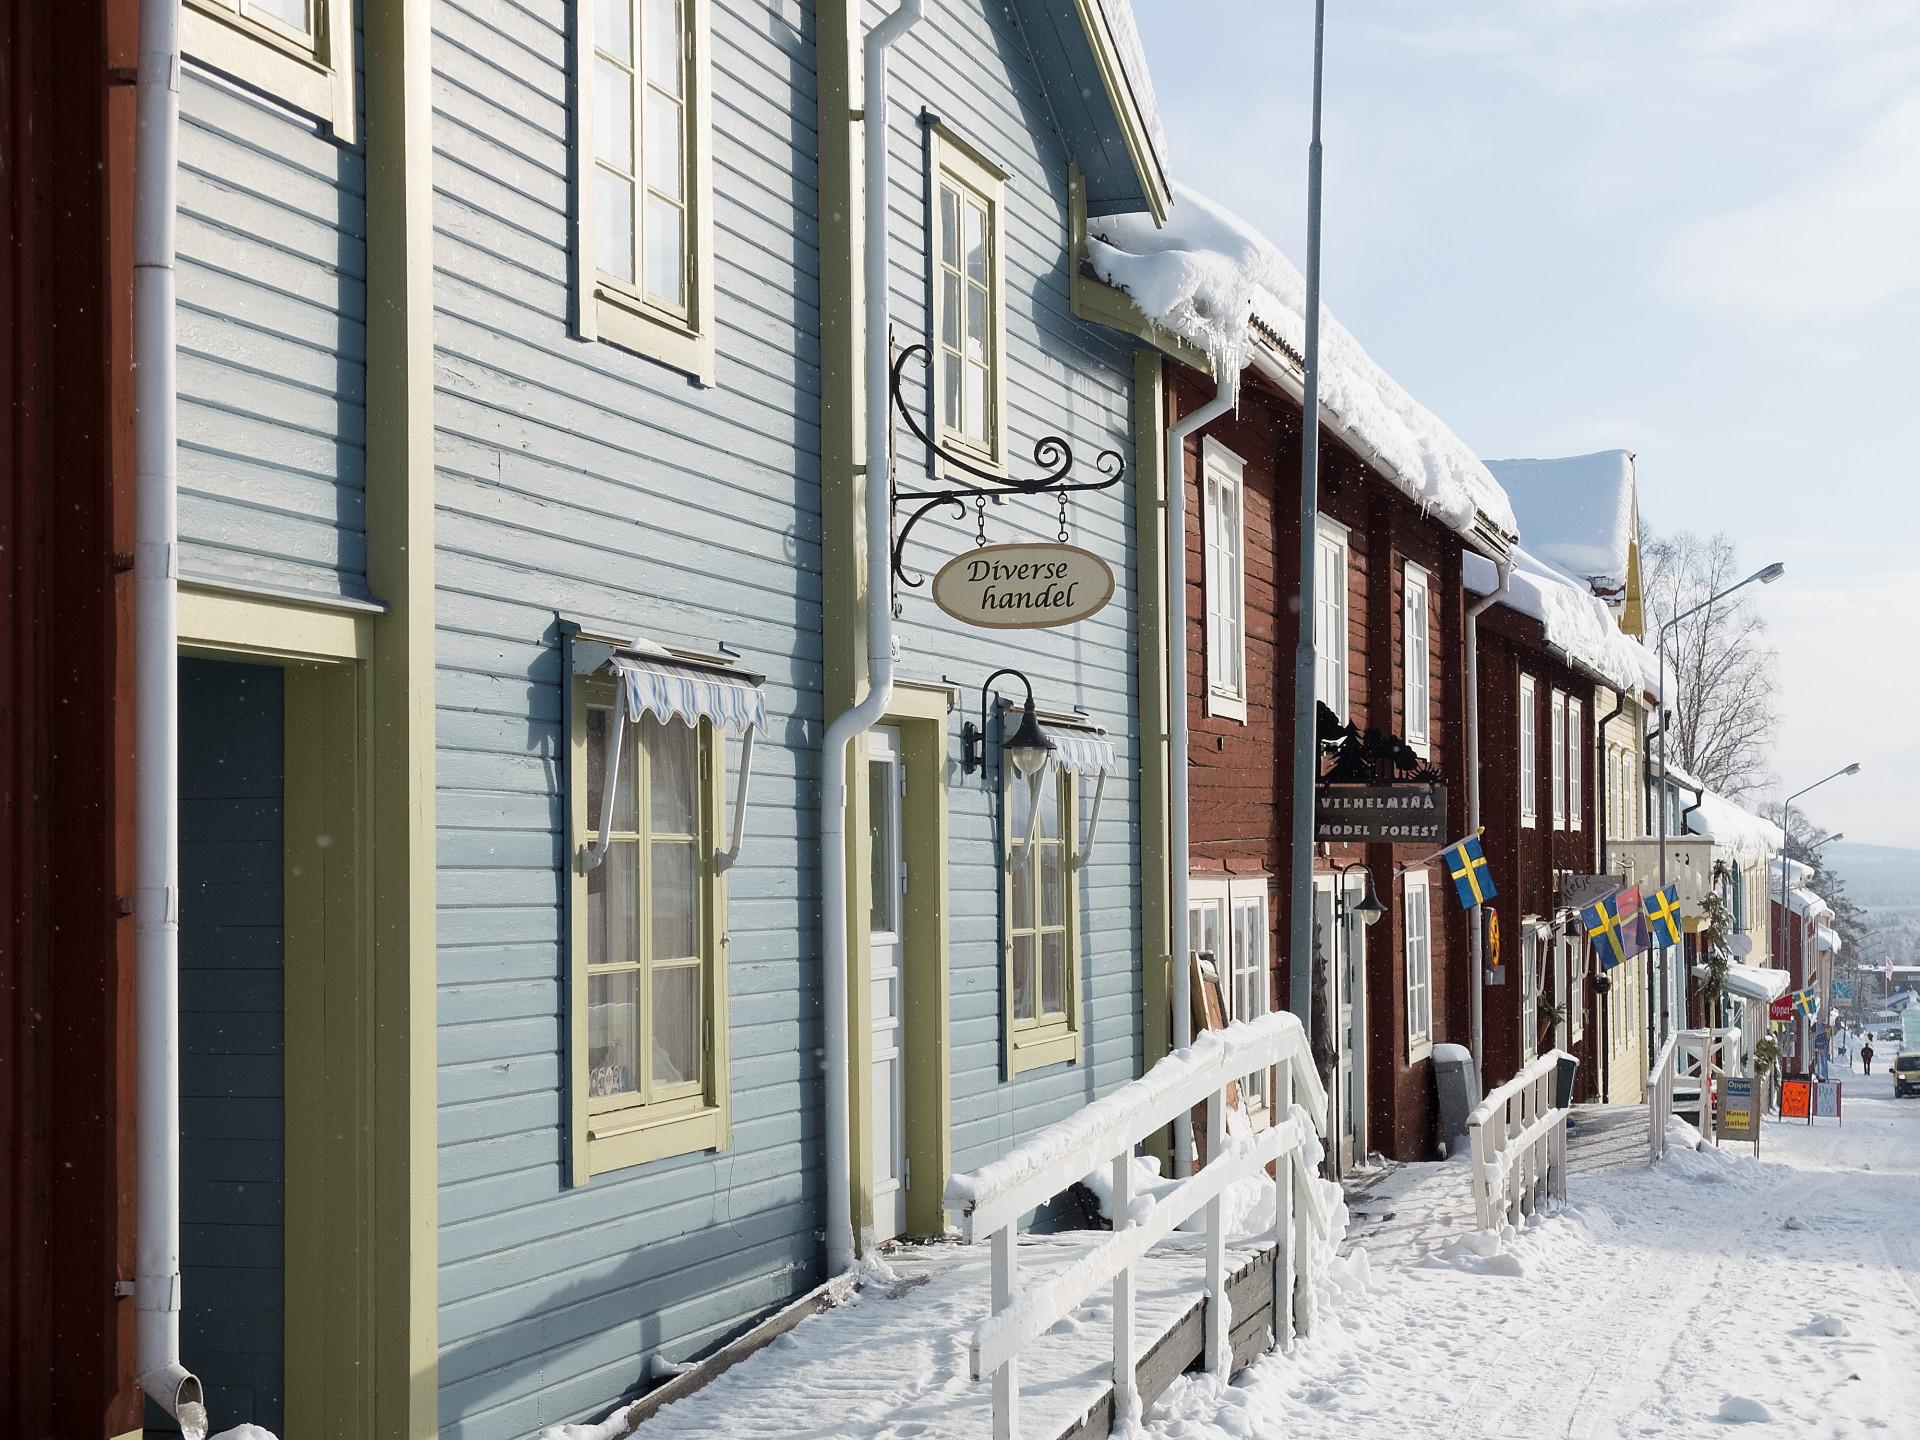 Snötäckt gata med färgglada trähus i Vilhelmina. Foto: Nordiska museet